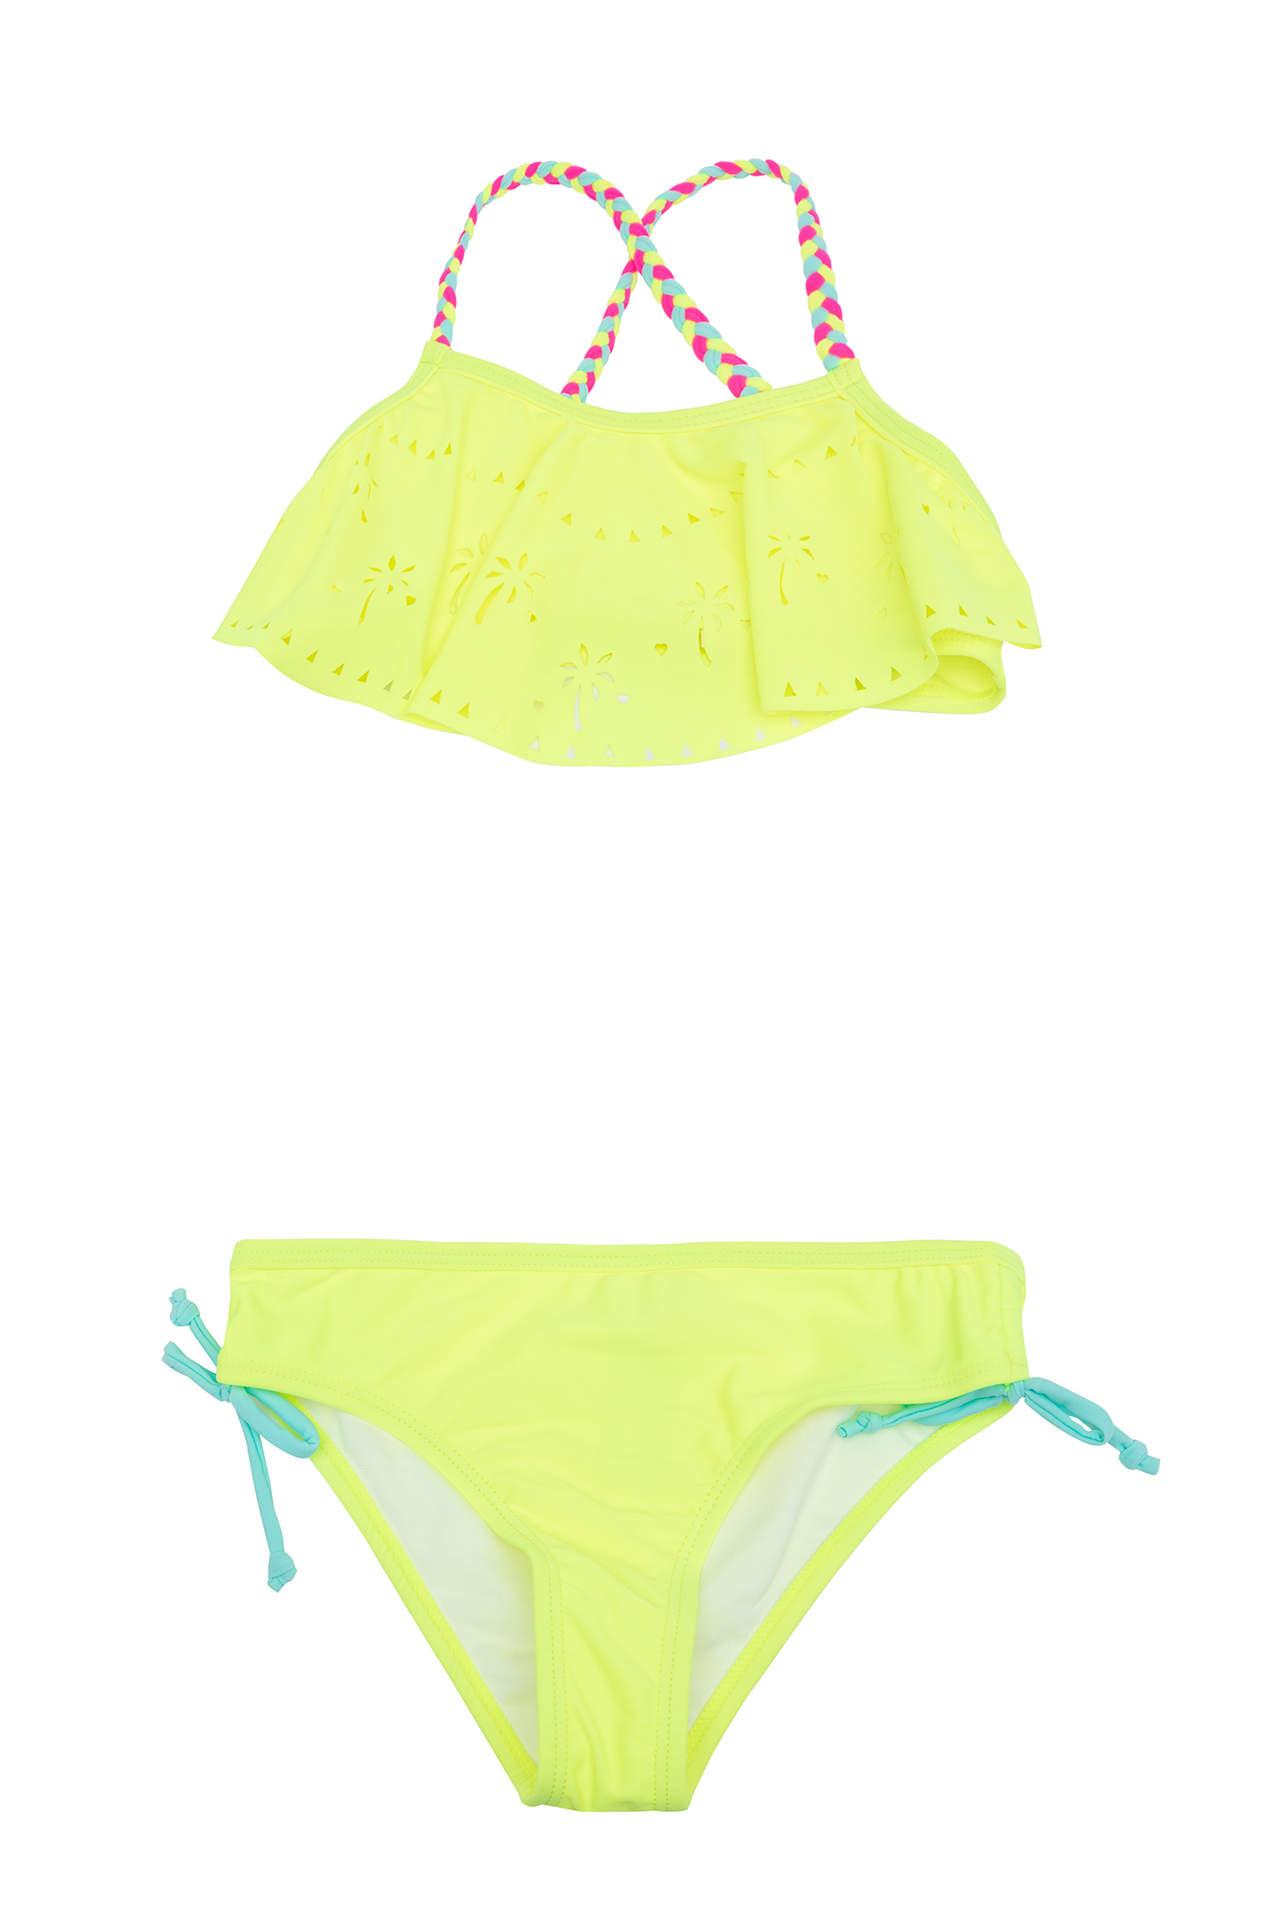 DeFacto Kız Çocuk Lazer Kesim Örgü Askı Detaylı Bikini Sarı female